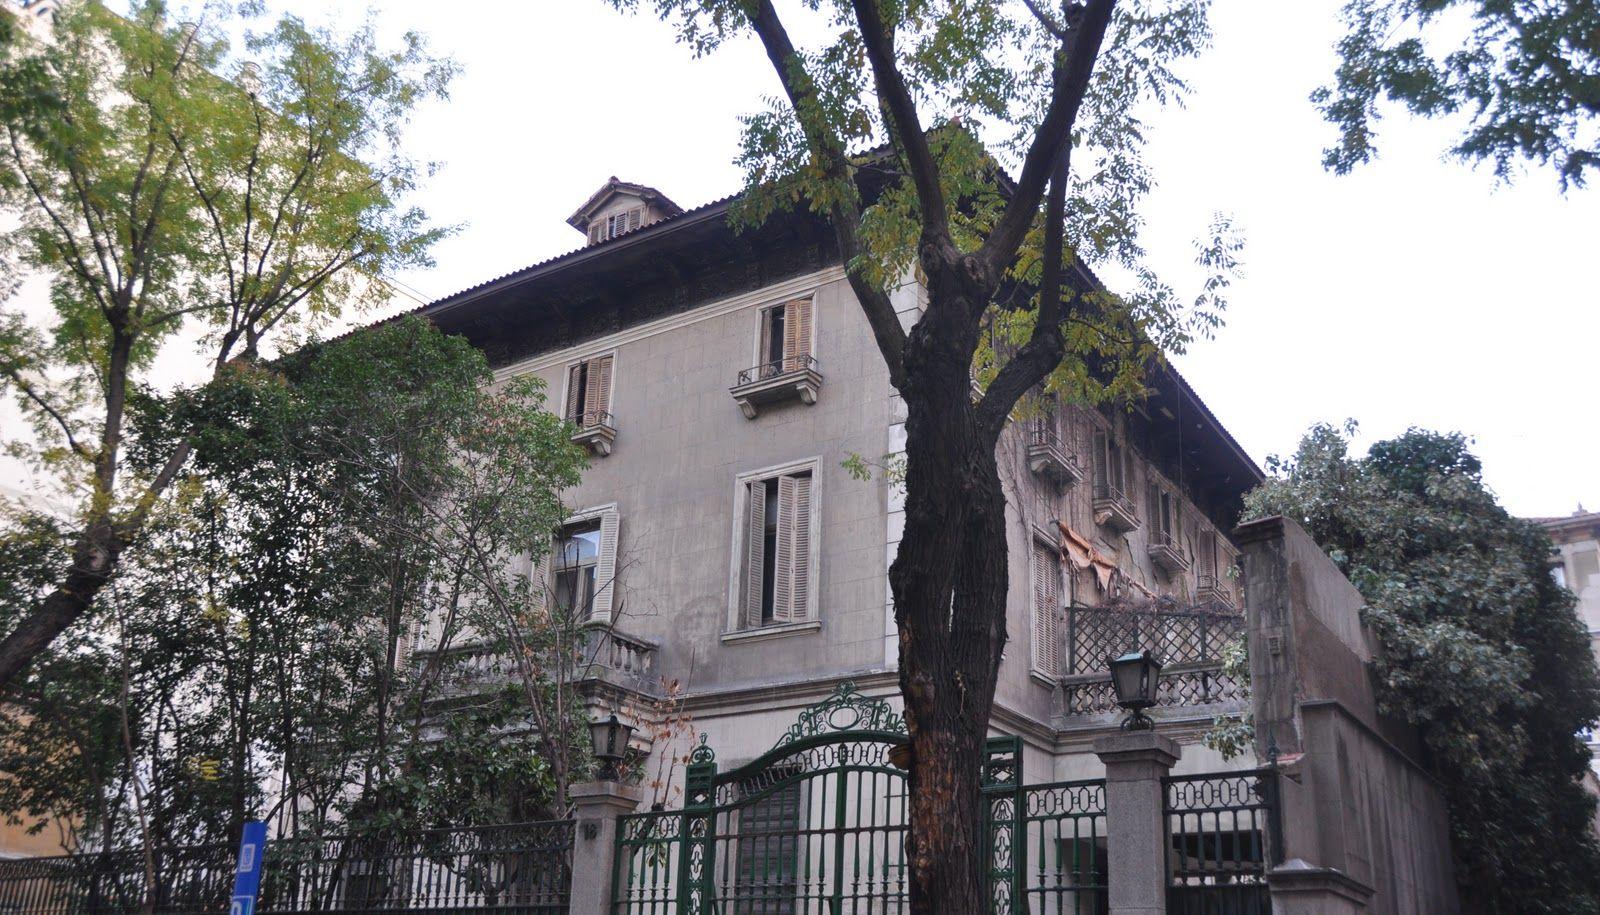 Palacete de la calle villanueva lista roja del patrimonio - El escondite calle villanueva ...